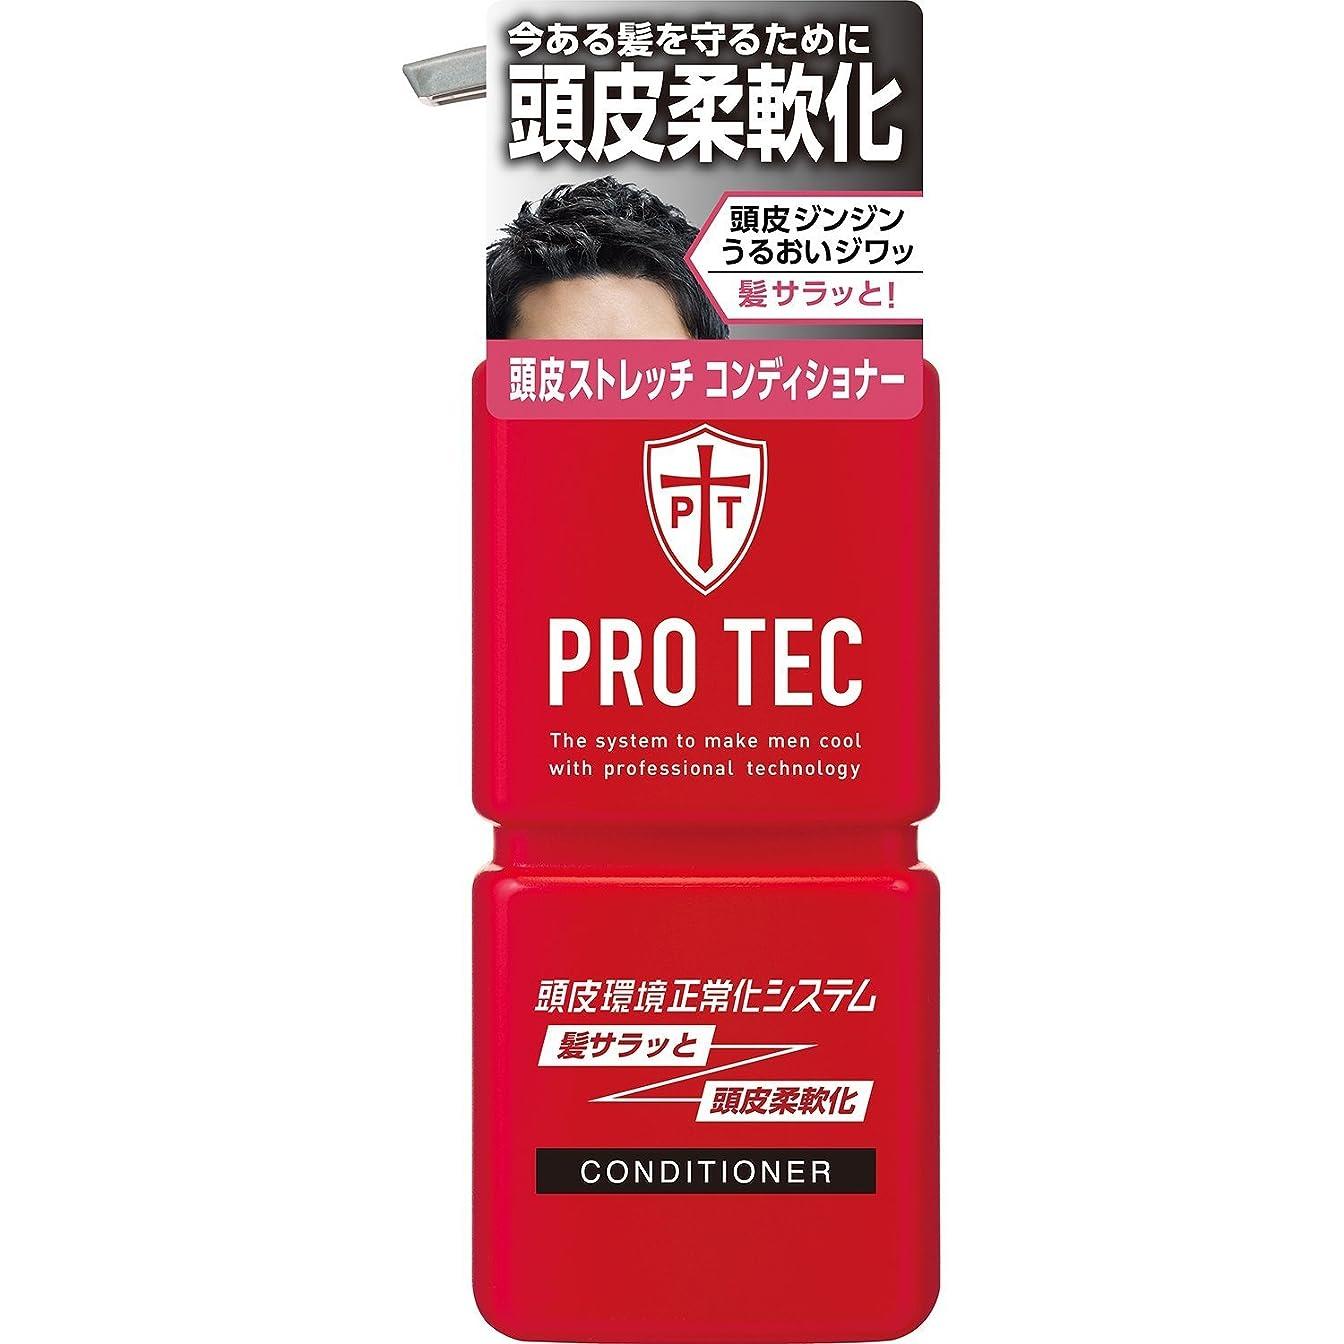 セールスマン疑問を超えてすることになっているPRO TEC(プロテク) 頭皮ストレッチ コンディショナー 本体ポンプ 300g